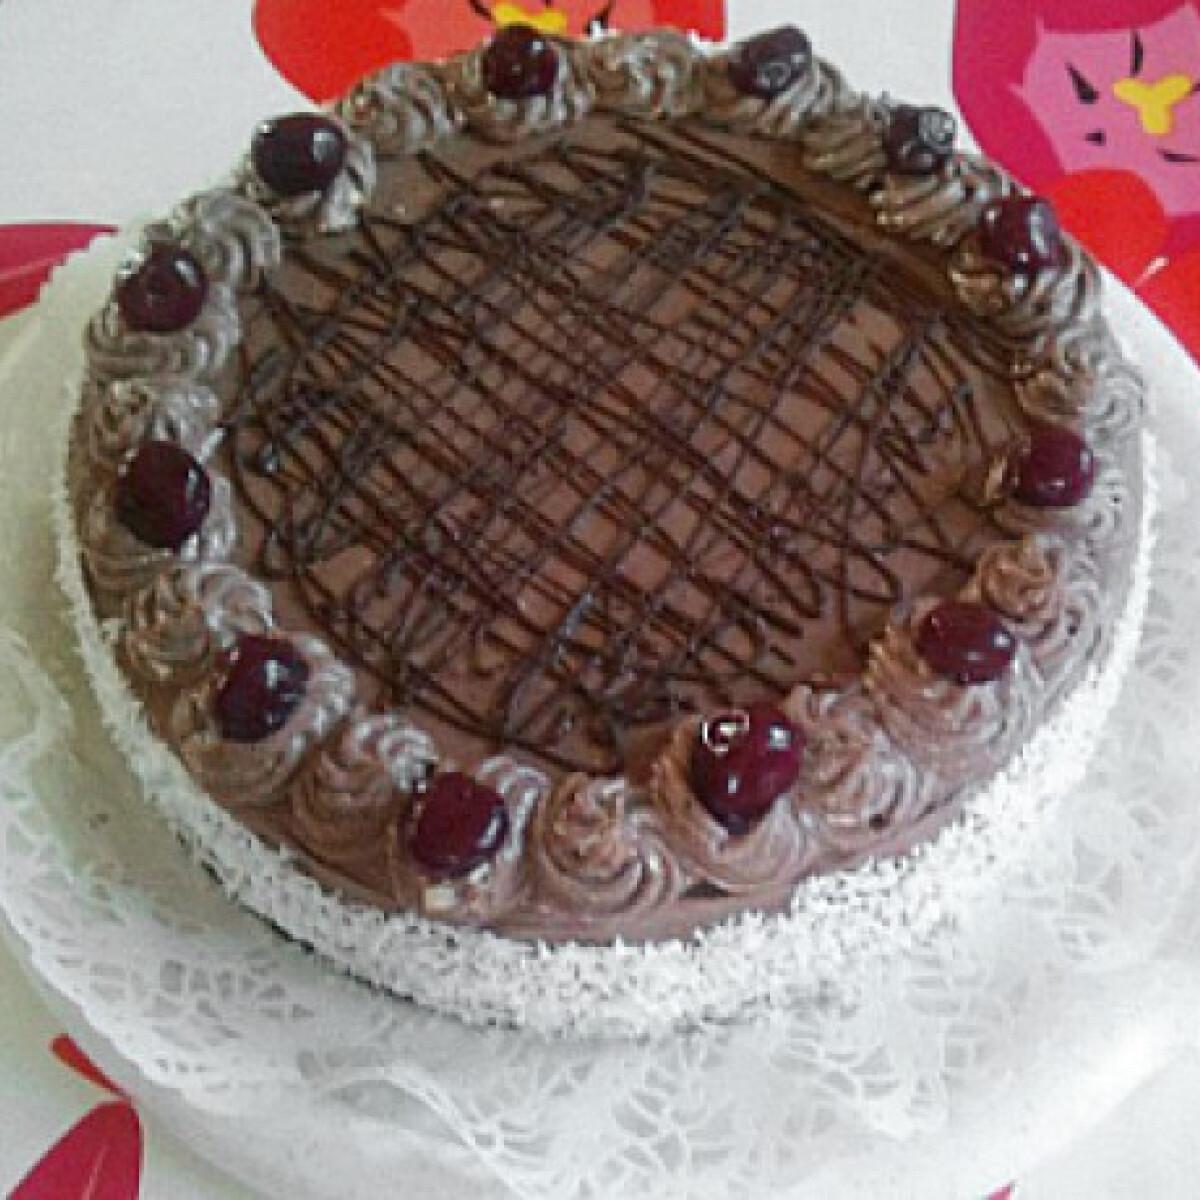 Csokoládétorta Kiltehtől